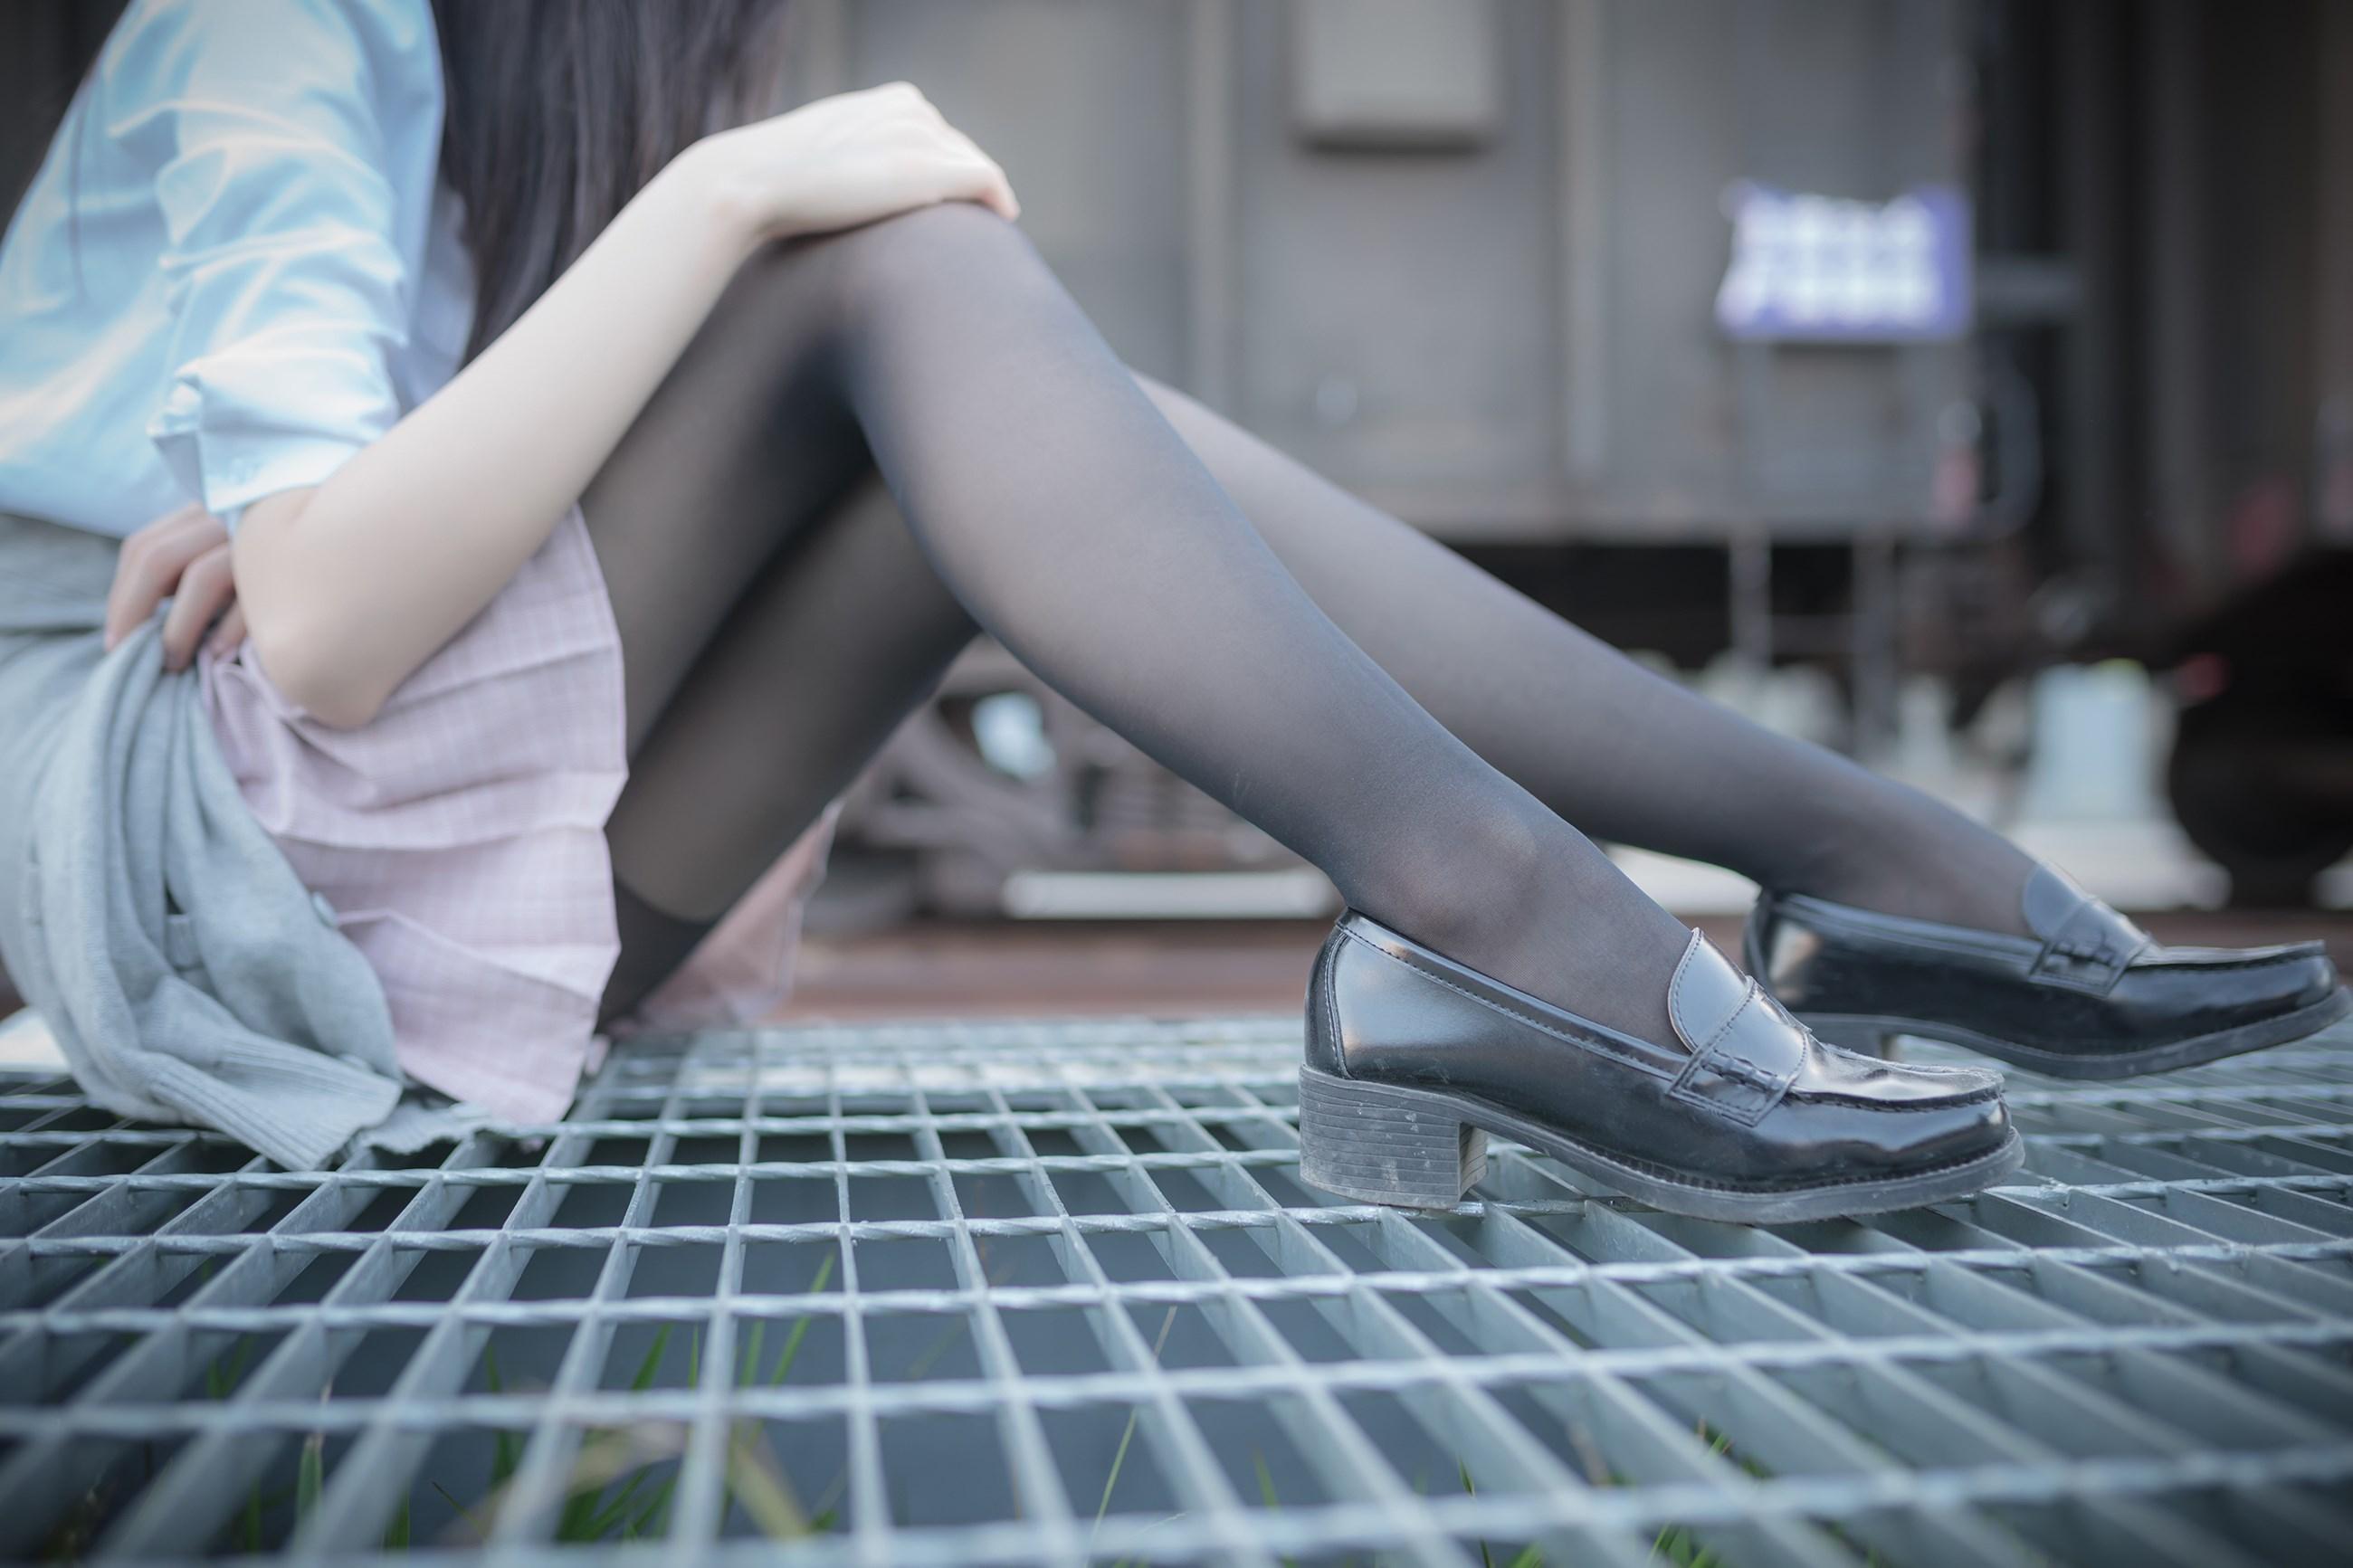 【兔玩映画】铁轨旁的小细腿 兔玩映画 第31张